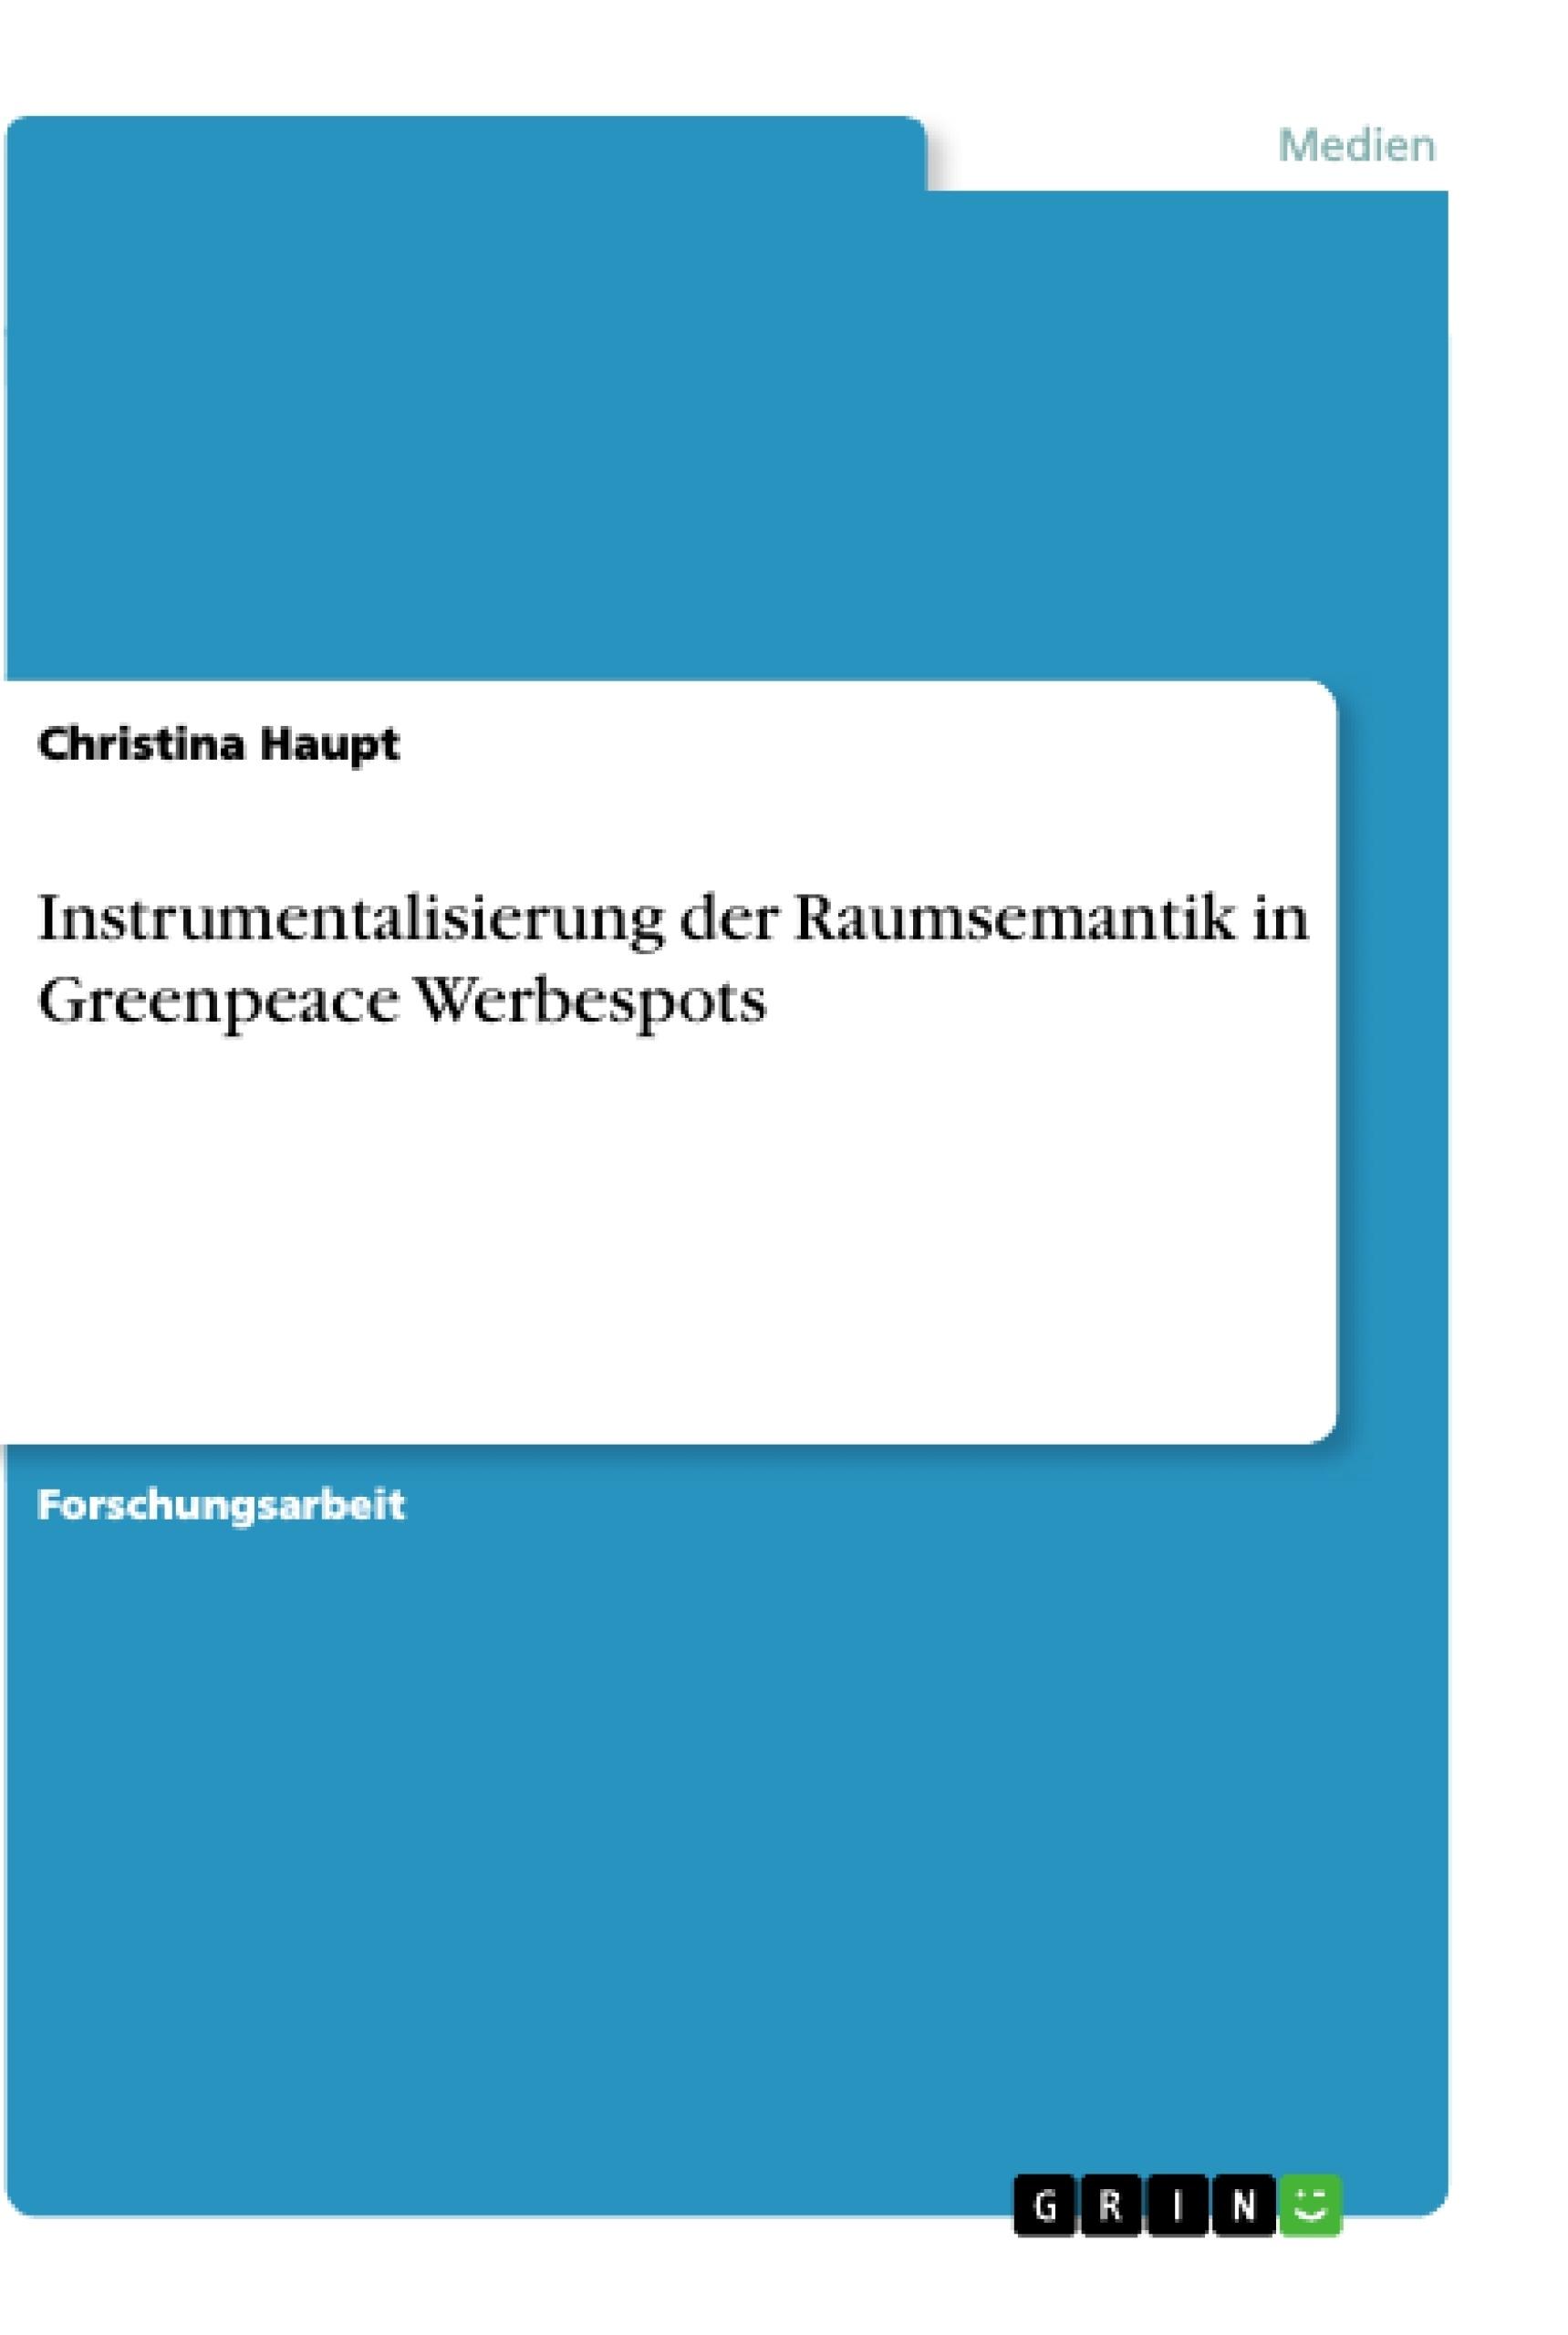 Titel: Instrumentalisierung der Raumsemantik in Greenpeace Werbespots